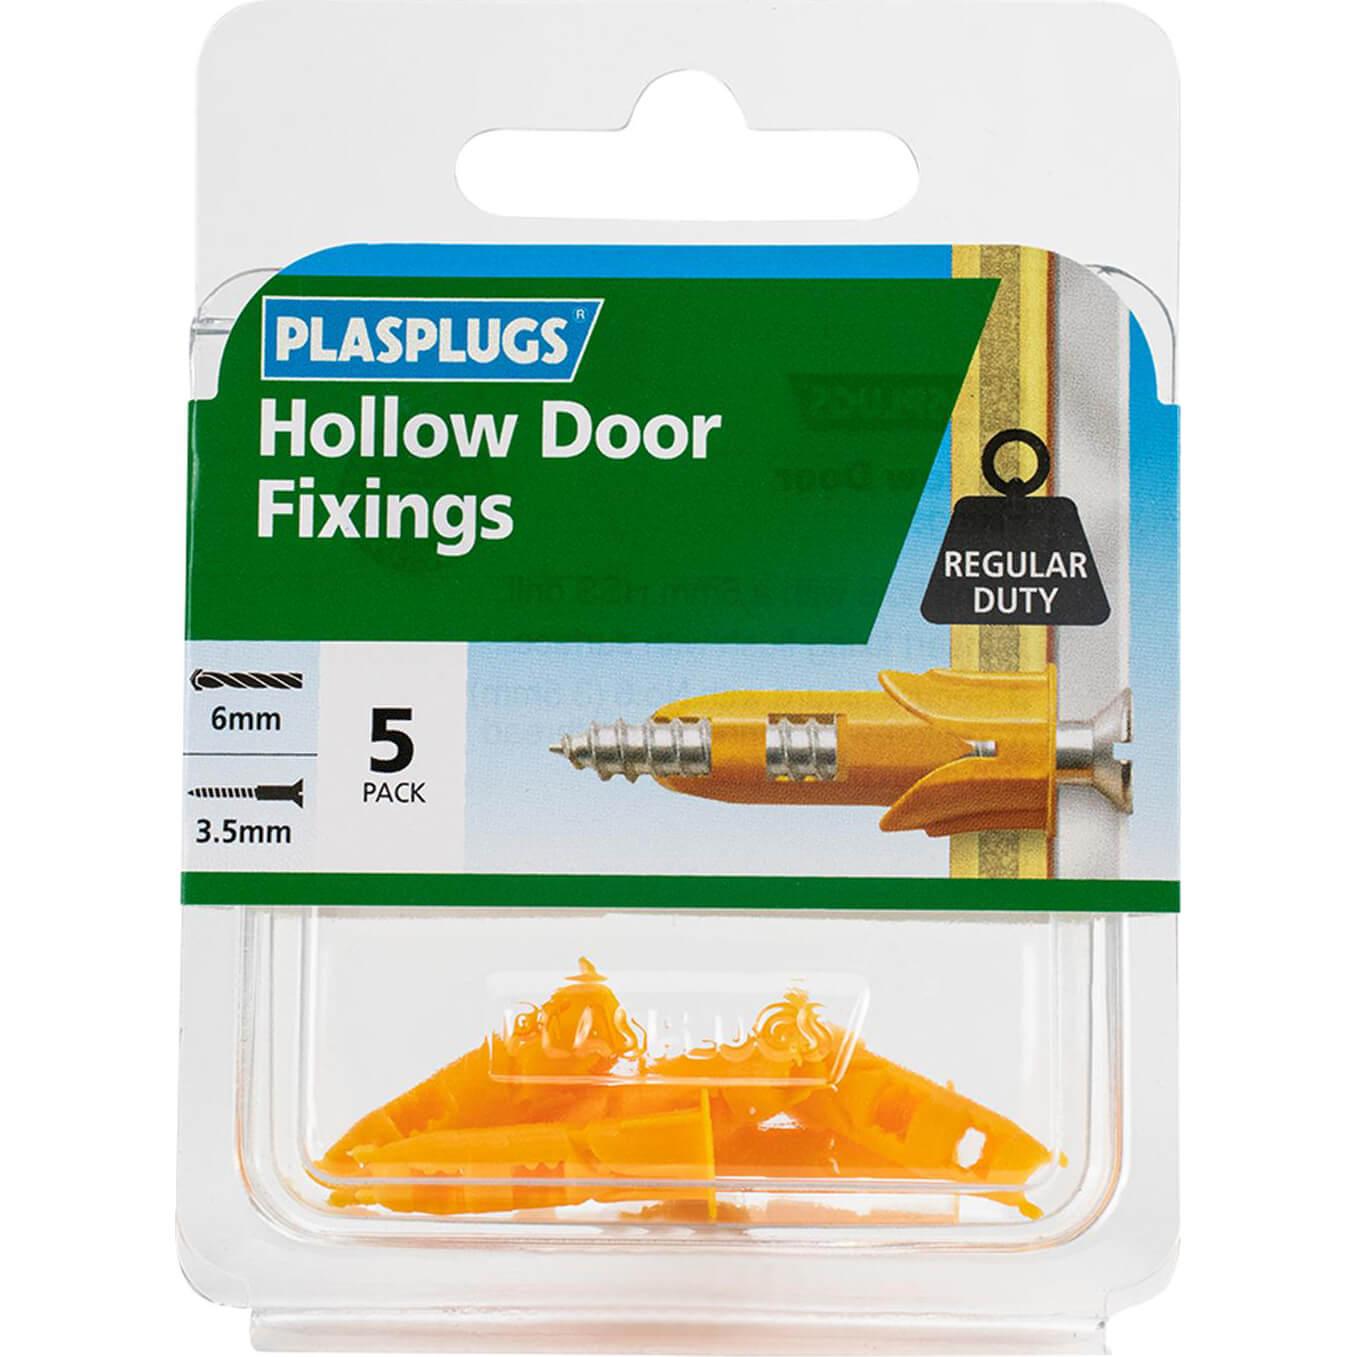 Image of Plasplugs Hollow Door Fixings Pack of 5